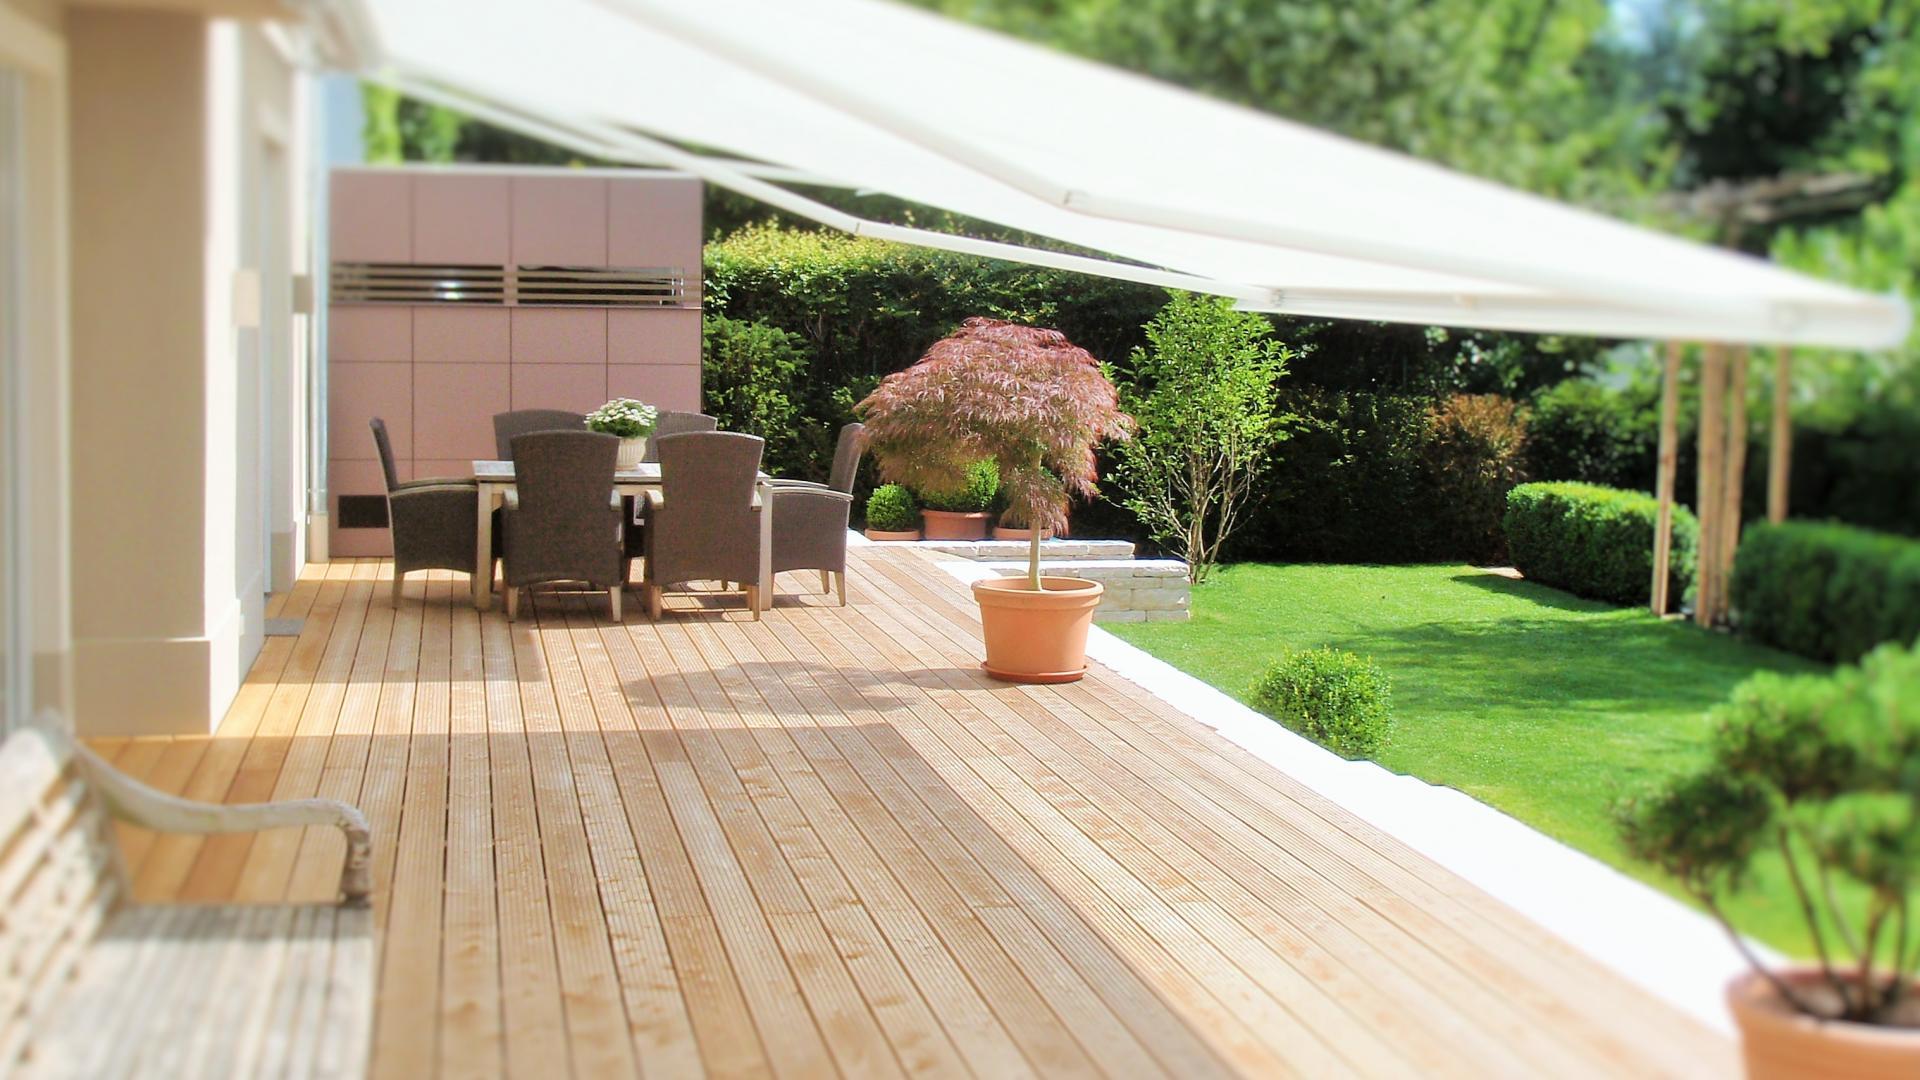 Home Sechser Garten Und Landschaftsbau Gmbh